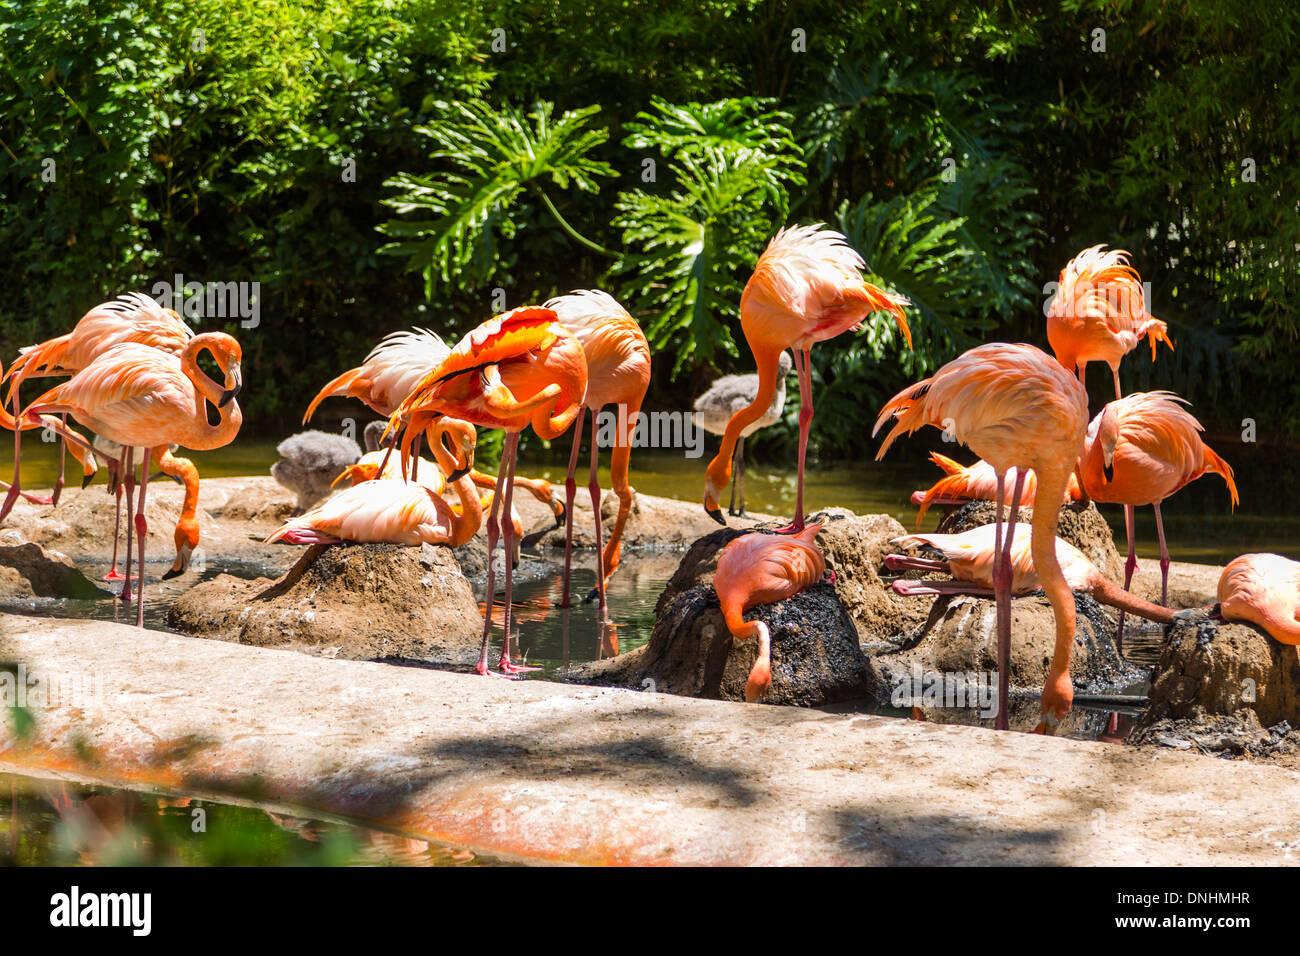 Flock of flamingos in a zoo, Barcelona Zoo, Barcelona, Catalonia, Spain Stock Photo